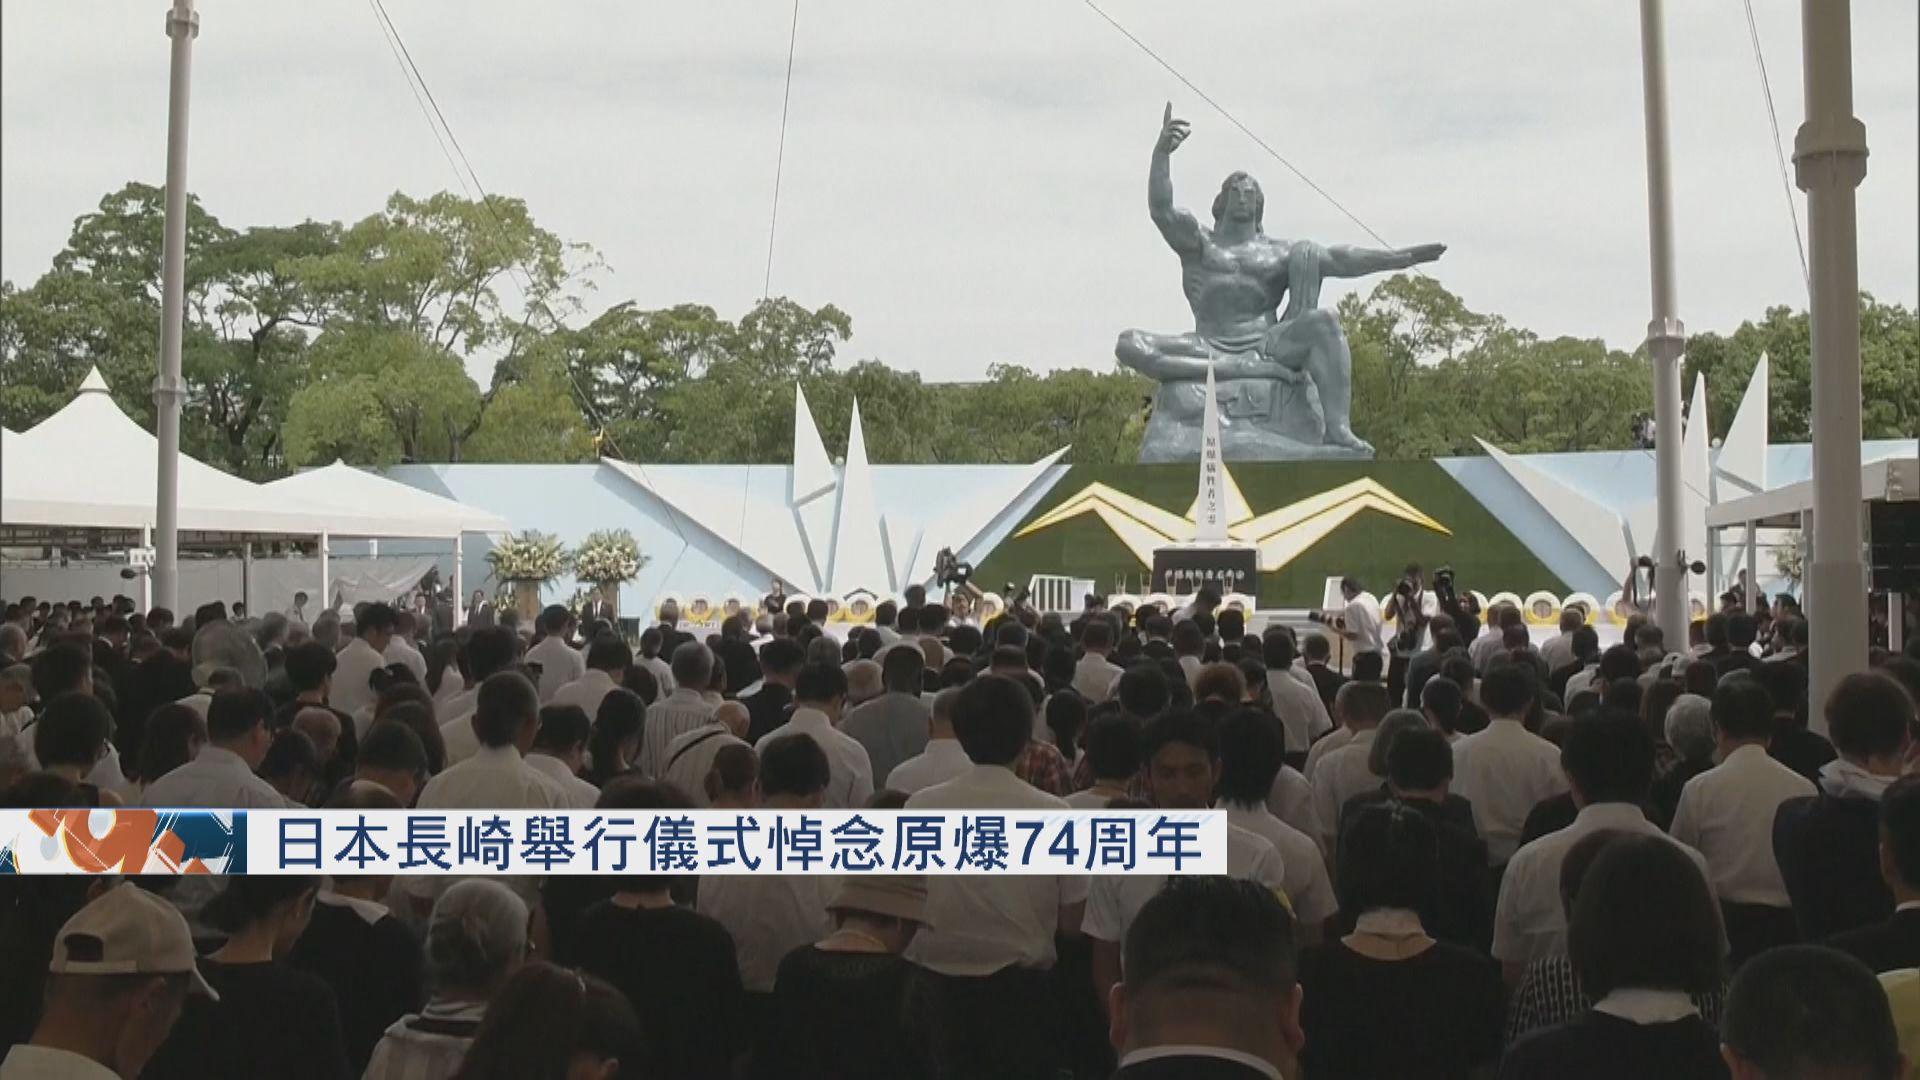 日本長崎舉行儀式悼念原爆74周年